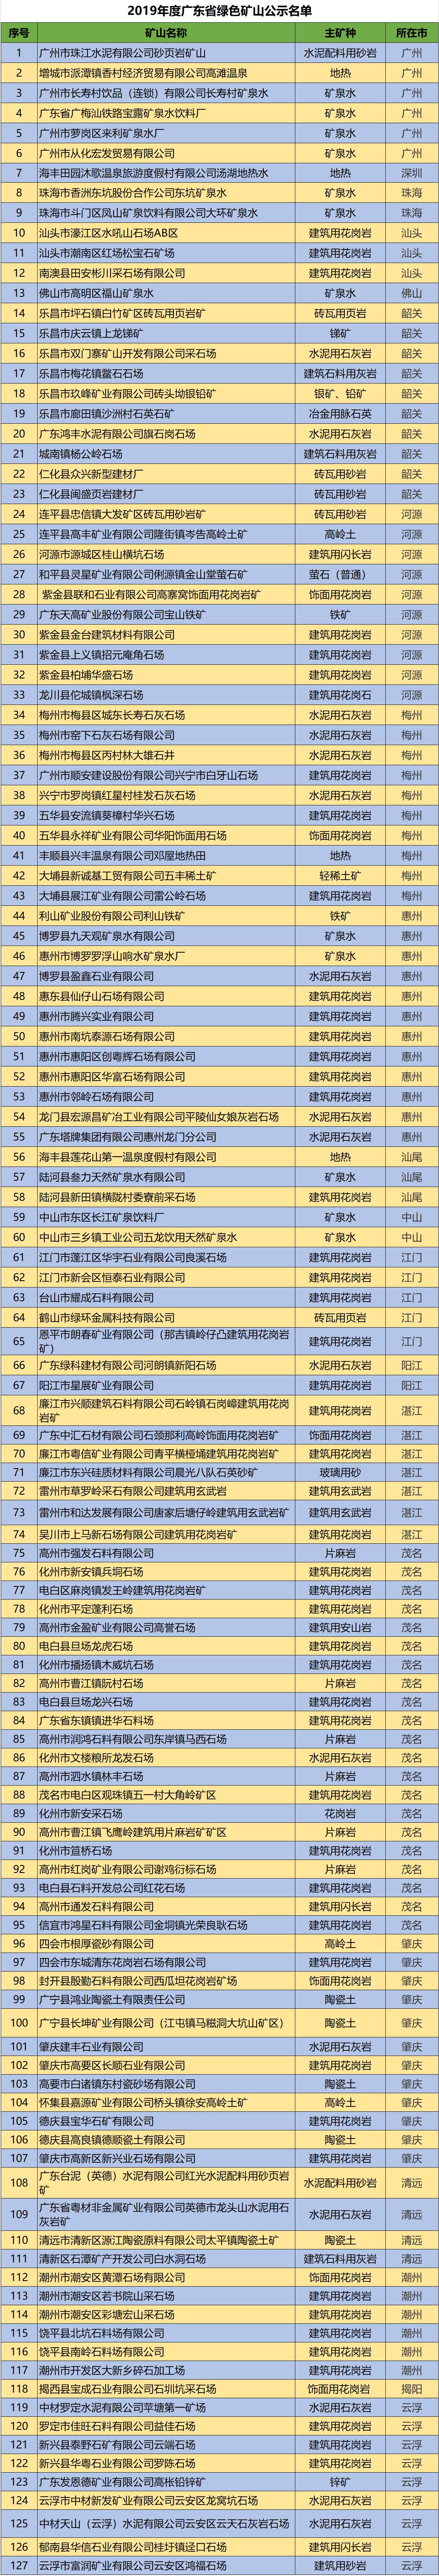 2019广东绿色矿山.png